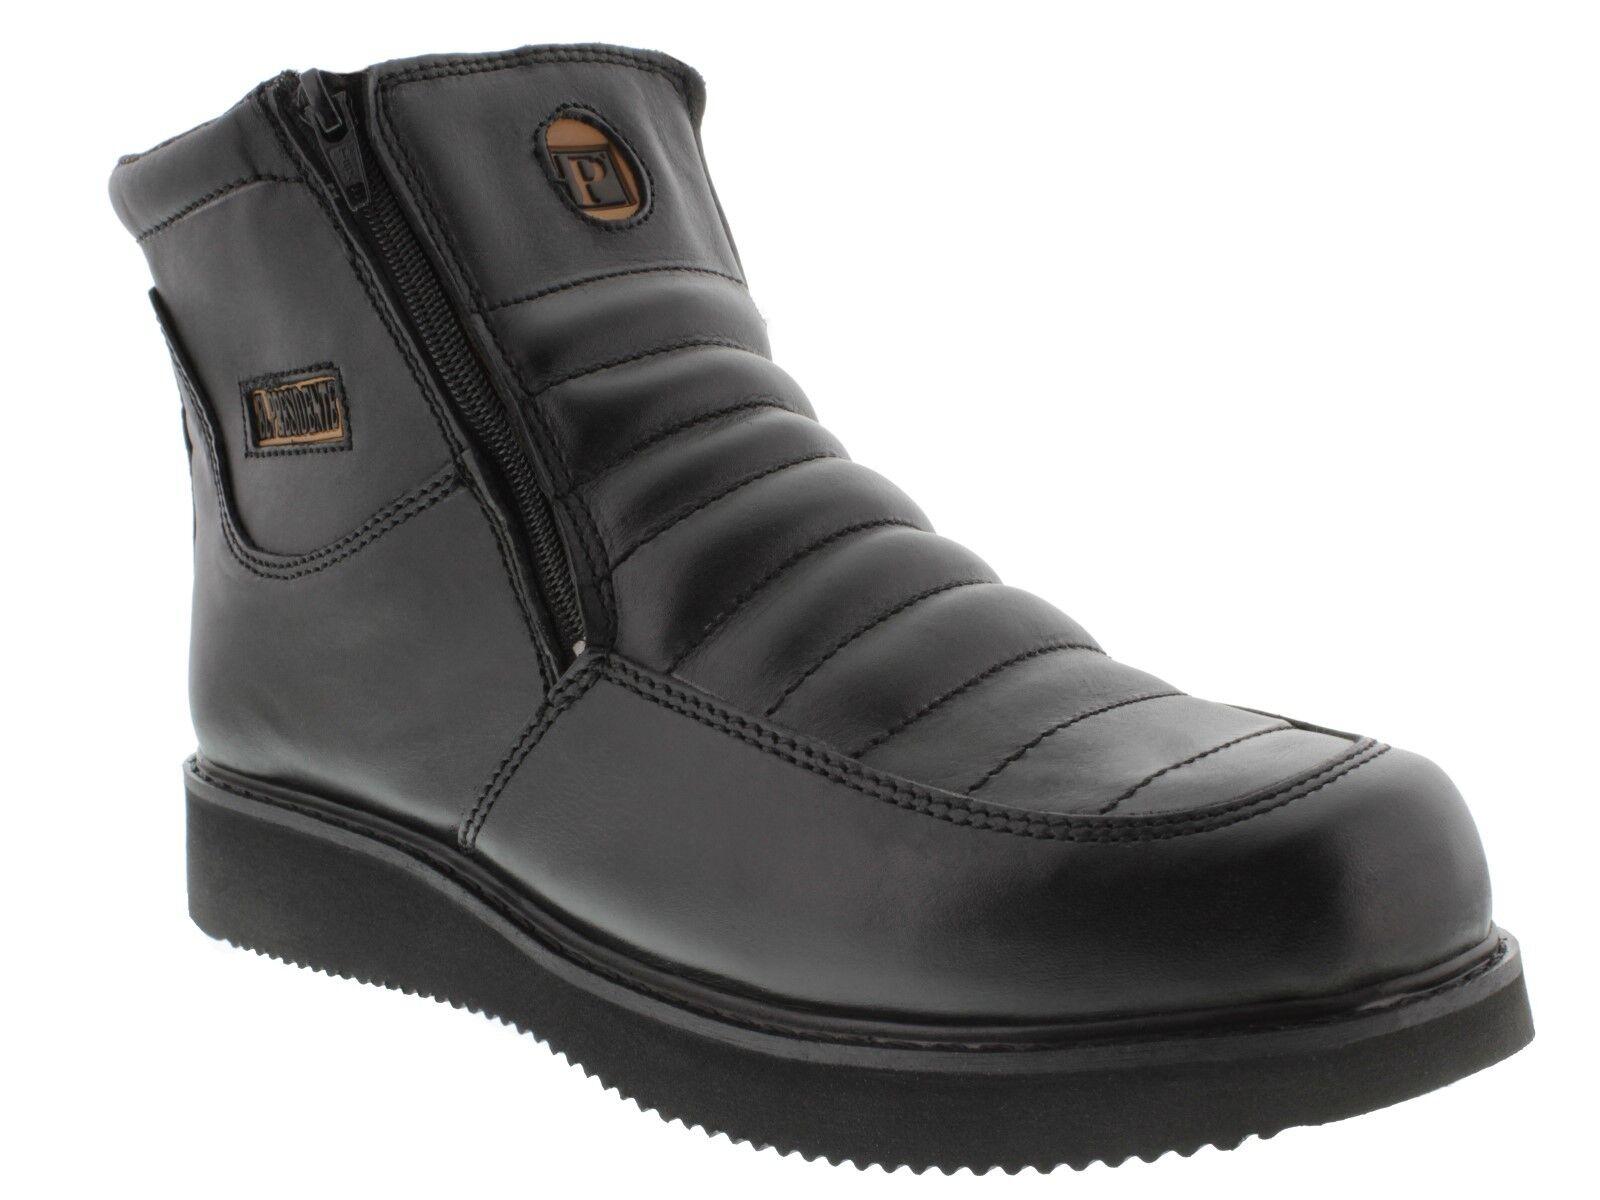 Mens Durable Black Construction Work Boots Slip Resistant Rubber Sole Zipper